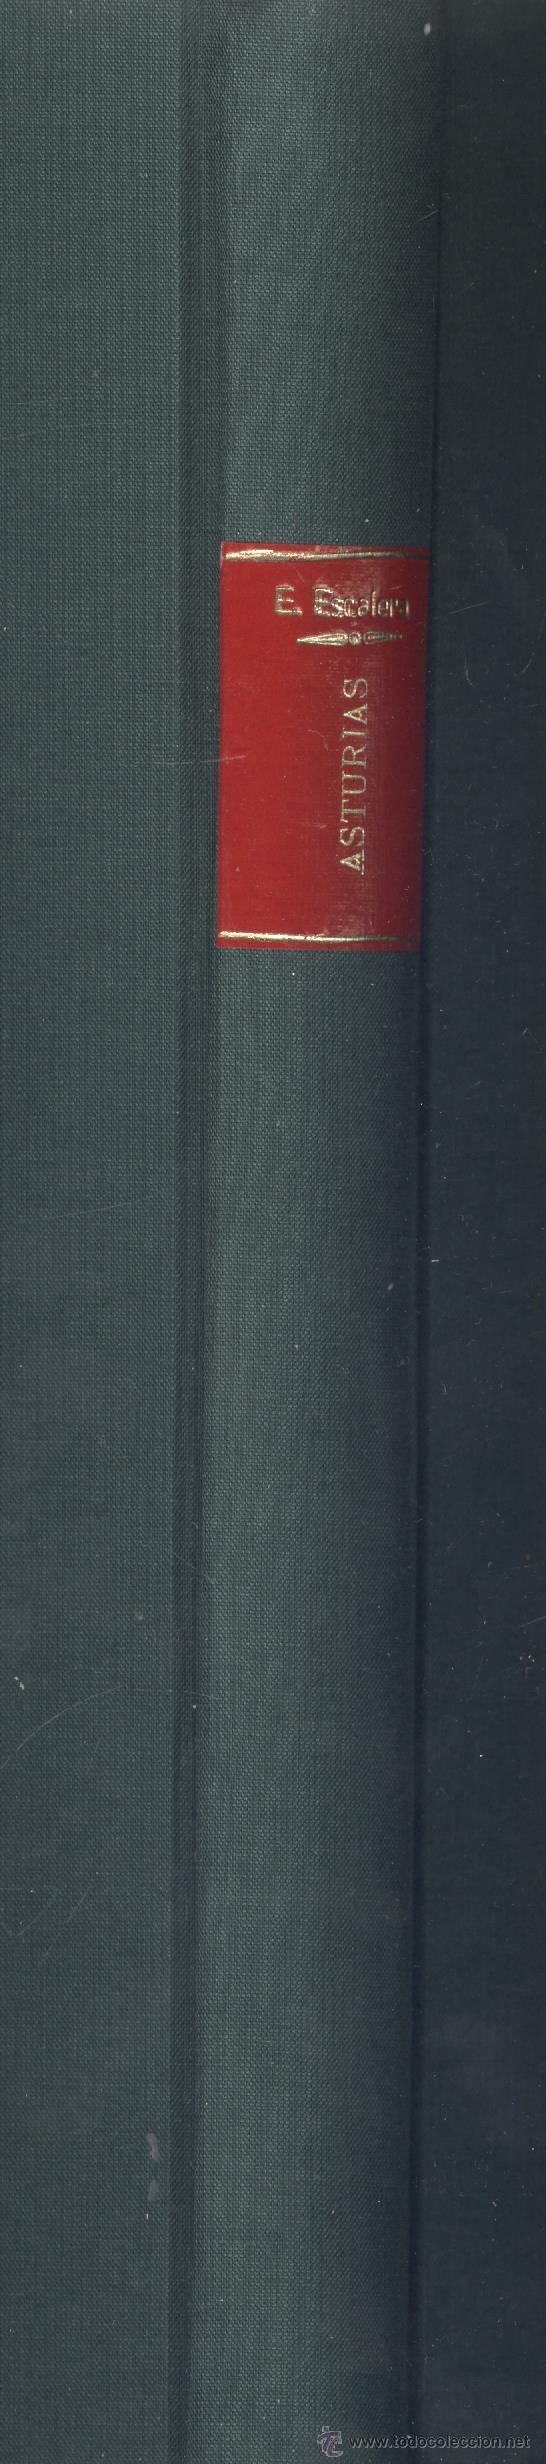 Libros antiguos: Evaristo ESCALERA. Crónica del Principado de Asturias. Madrid, 1865. S6 - Foto 2 - 54887676